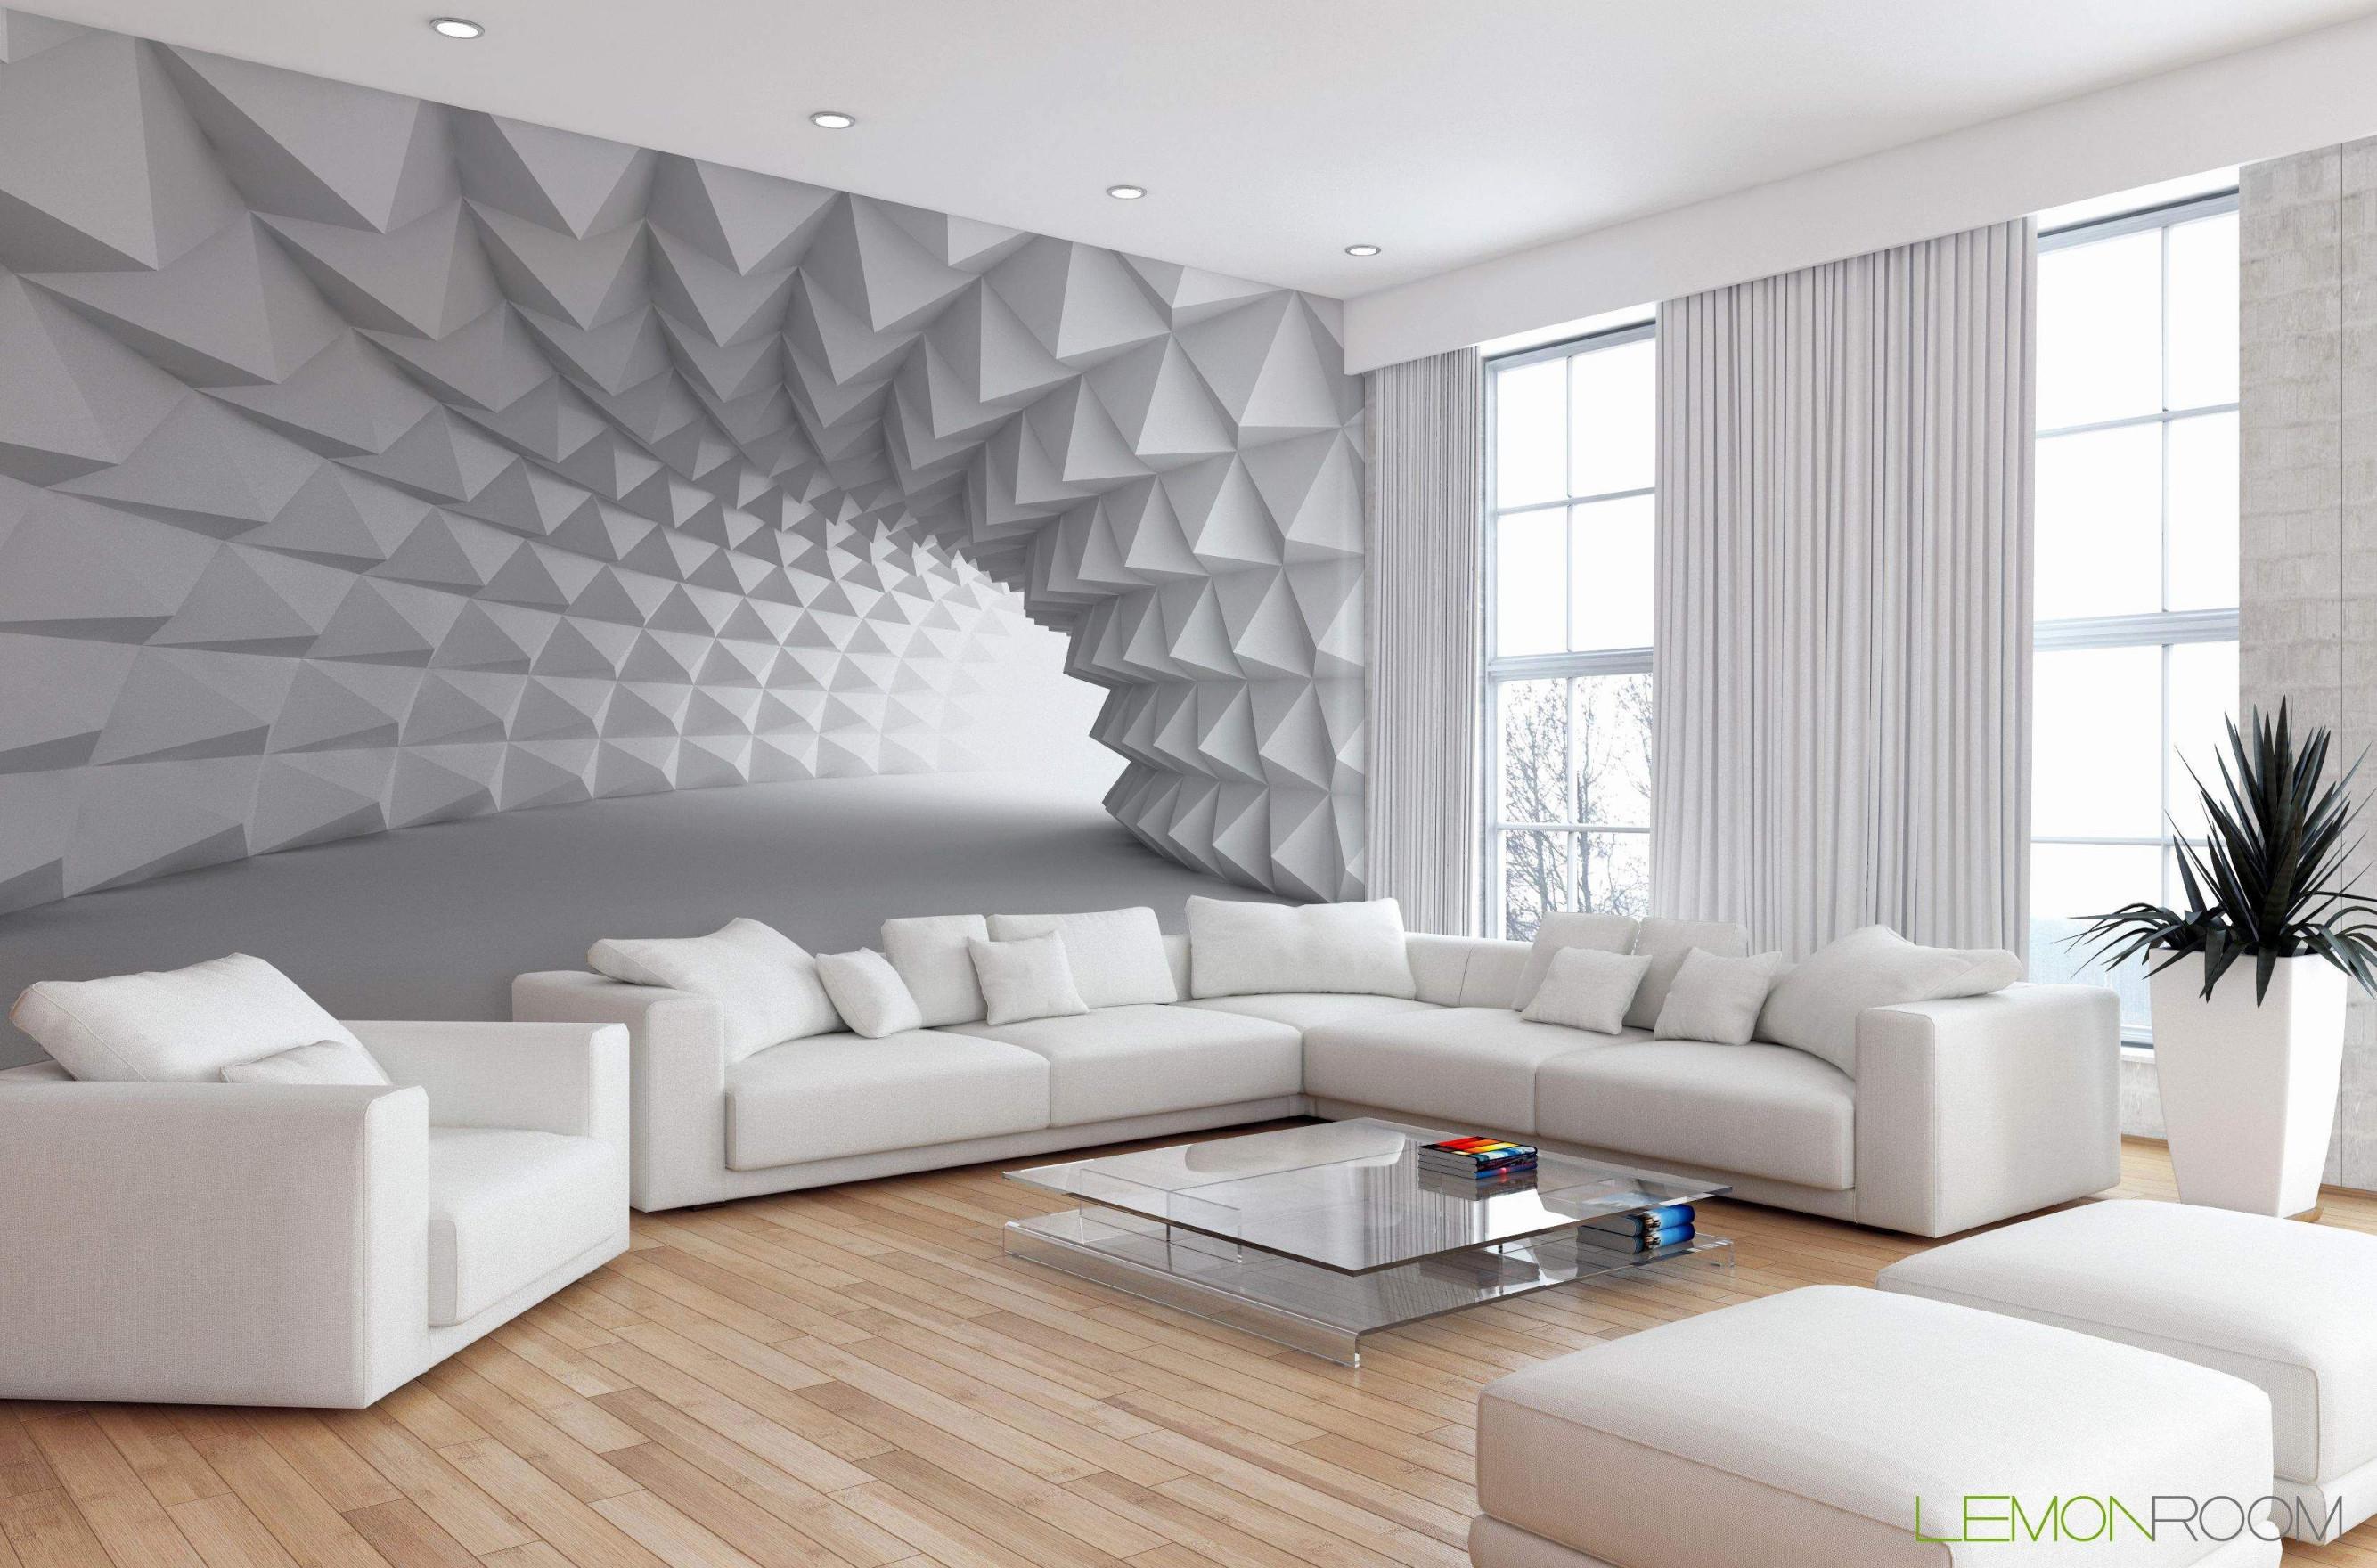 Moderne Wohnzimmer Tapeten Schön 31 Inspirierend Moderne von Moderne Tapeten Für Wohnzimmer Bild